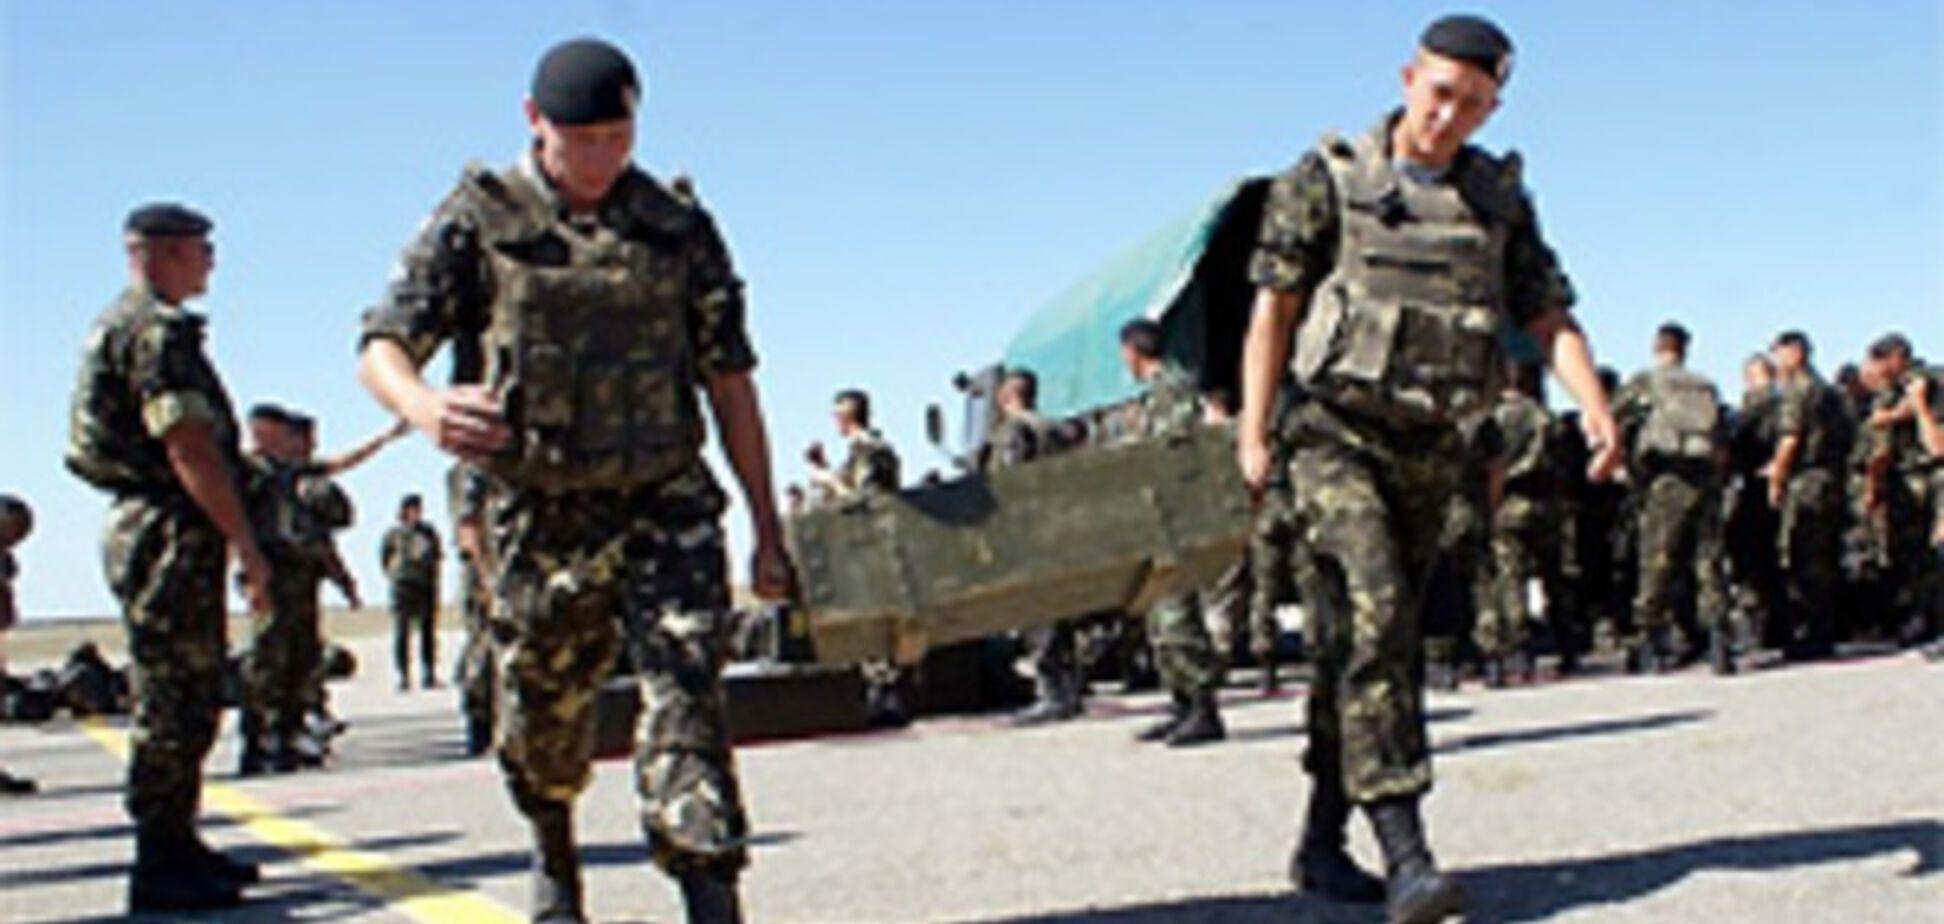 Командир отряда морпехов: без объединяющей кровавой жертвы не бывает пробуждения